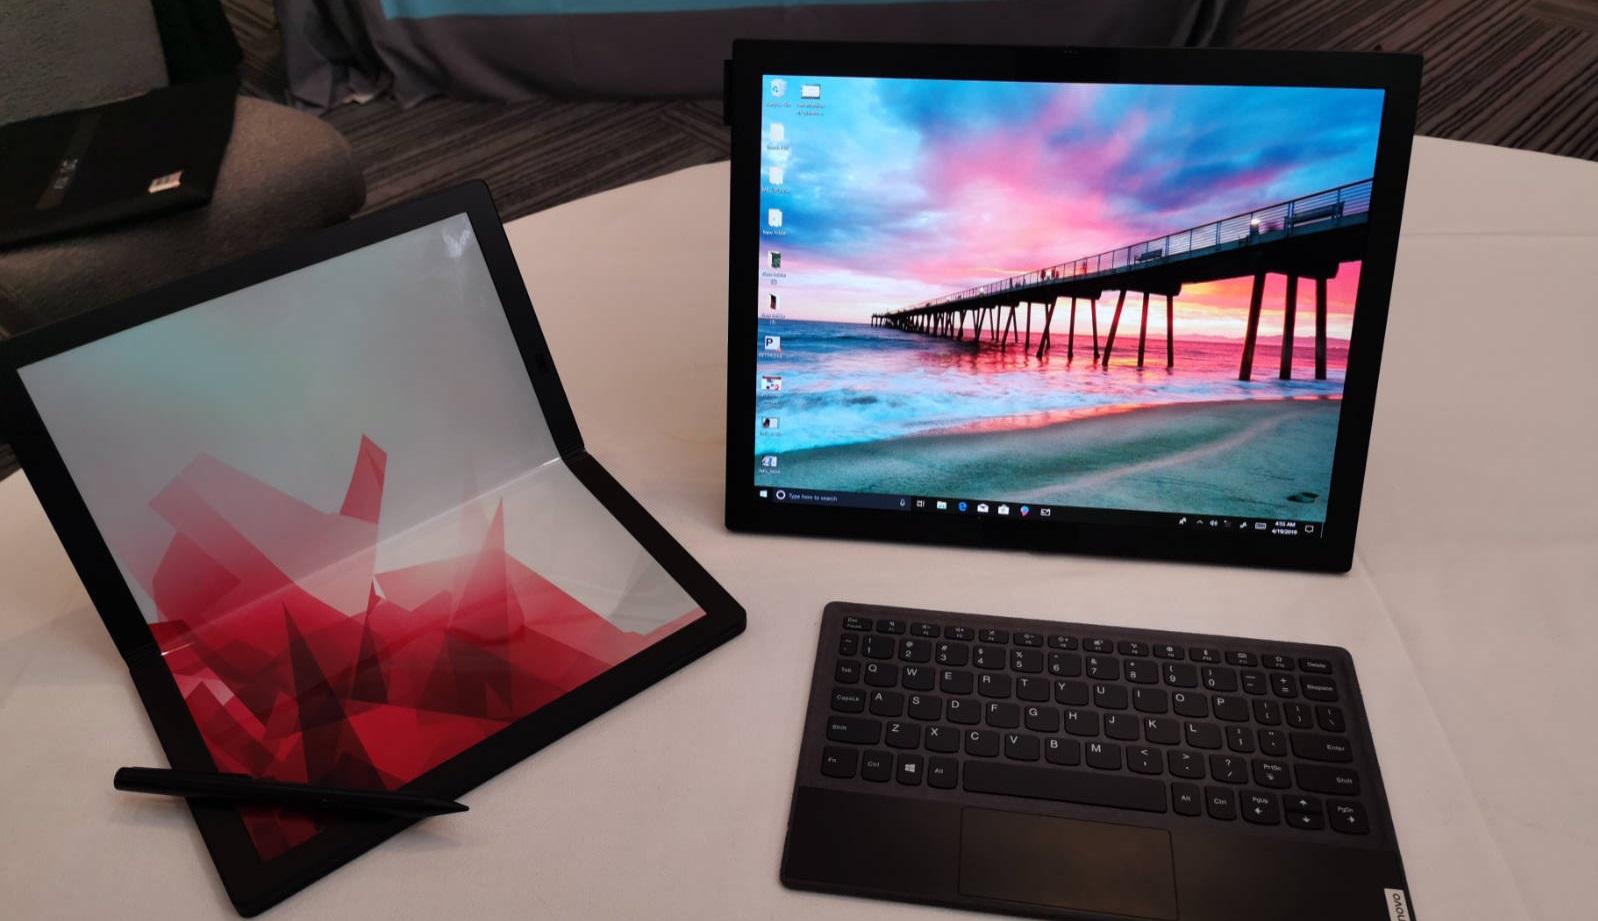 الكشف عن النسخة التجريبية من ThinkPad X1 أول كمبيوتر قابل للطي من Lenovo